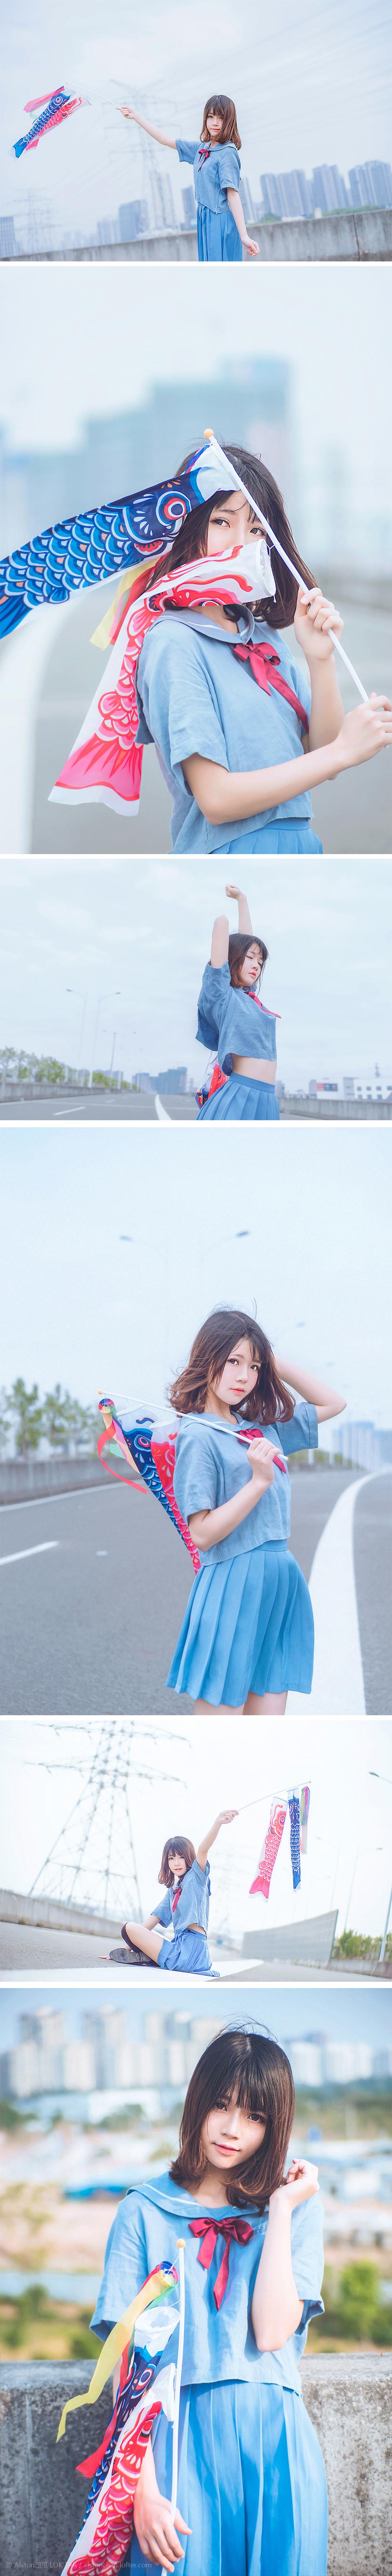 免费⭐微博红人⭐桜桃喵@写真cos-由短至长(桜桃喵)插图6